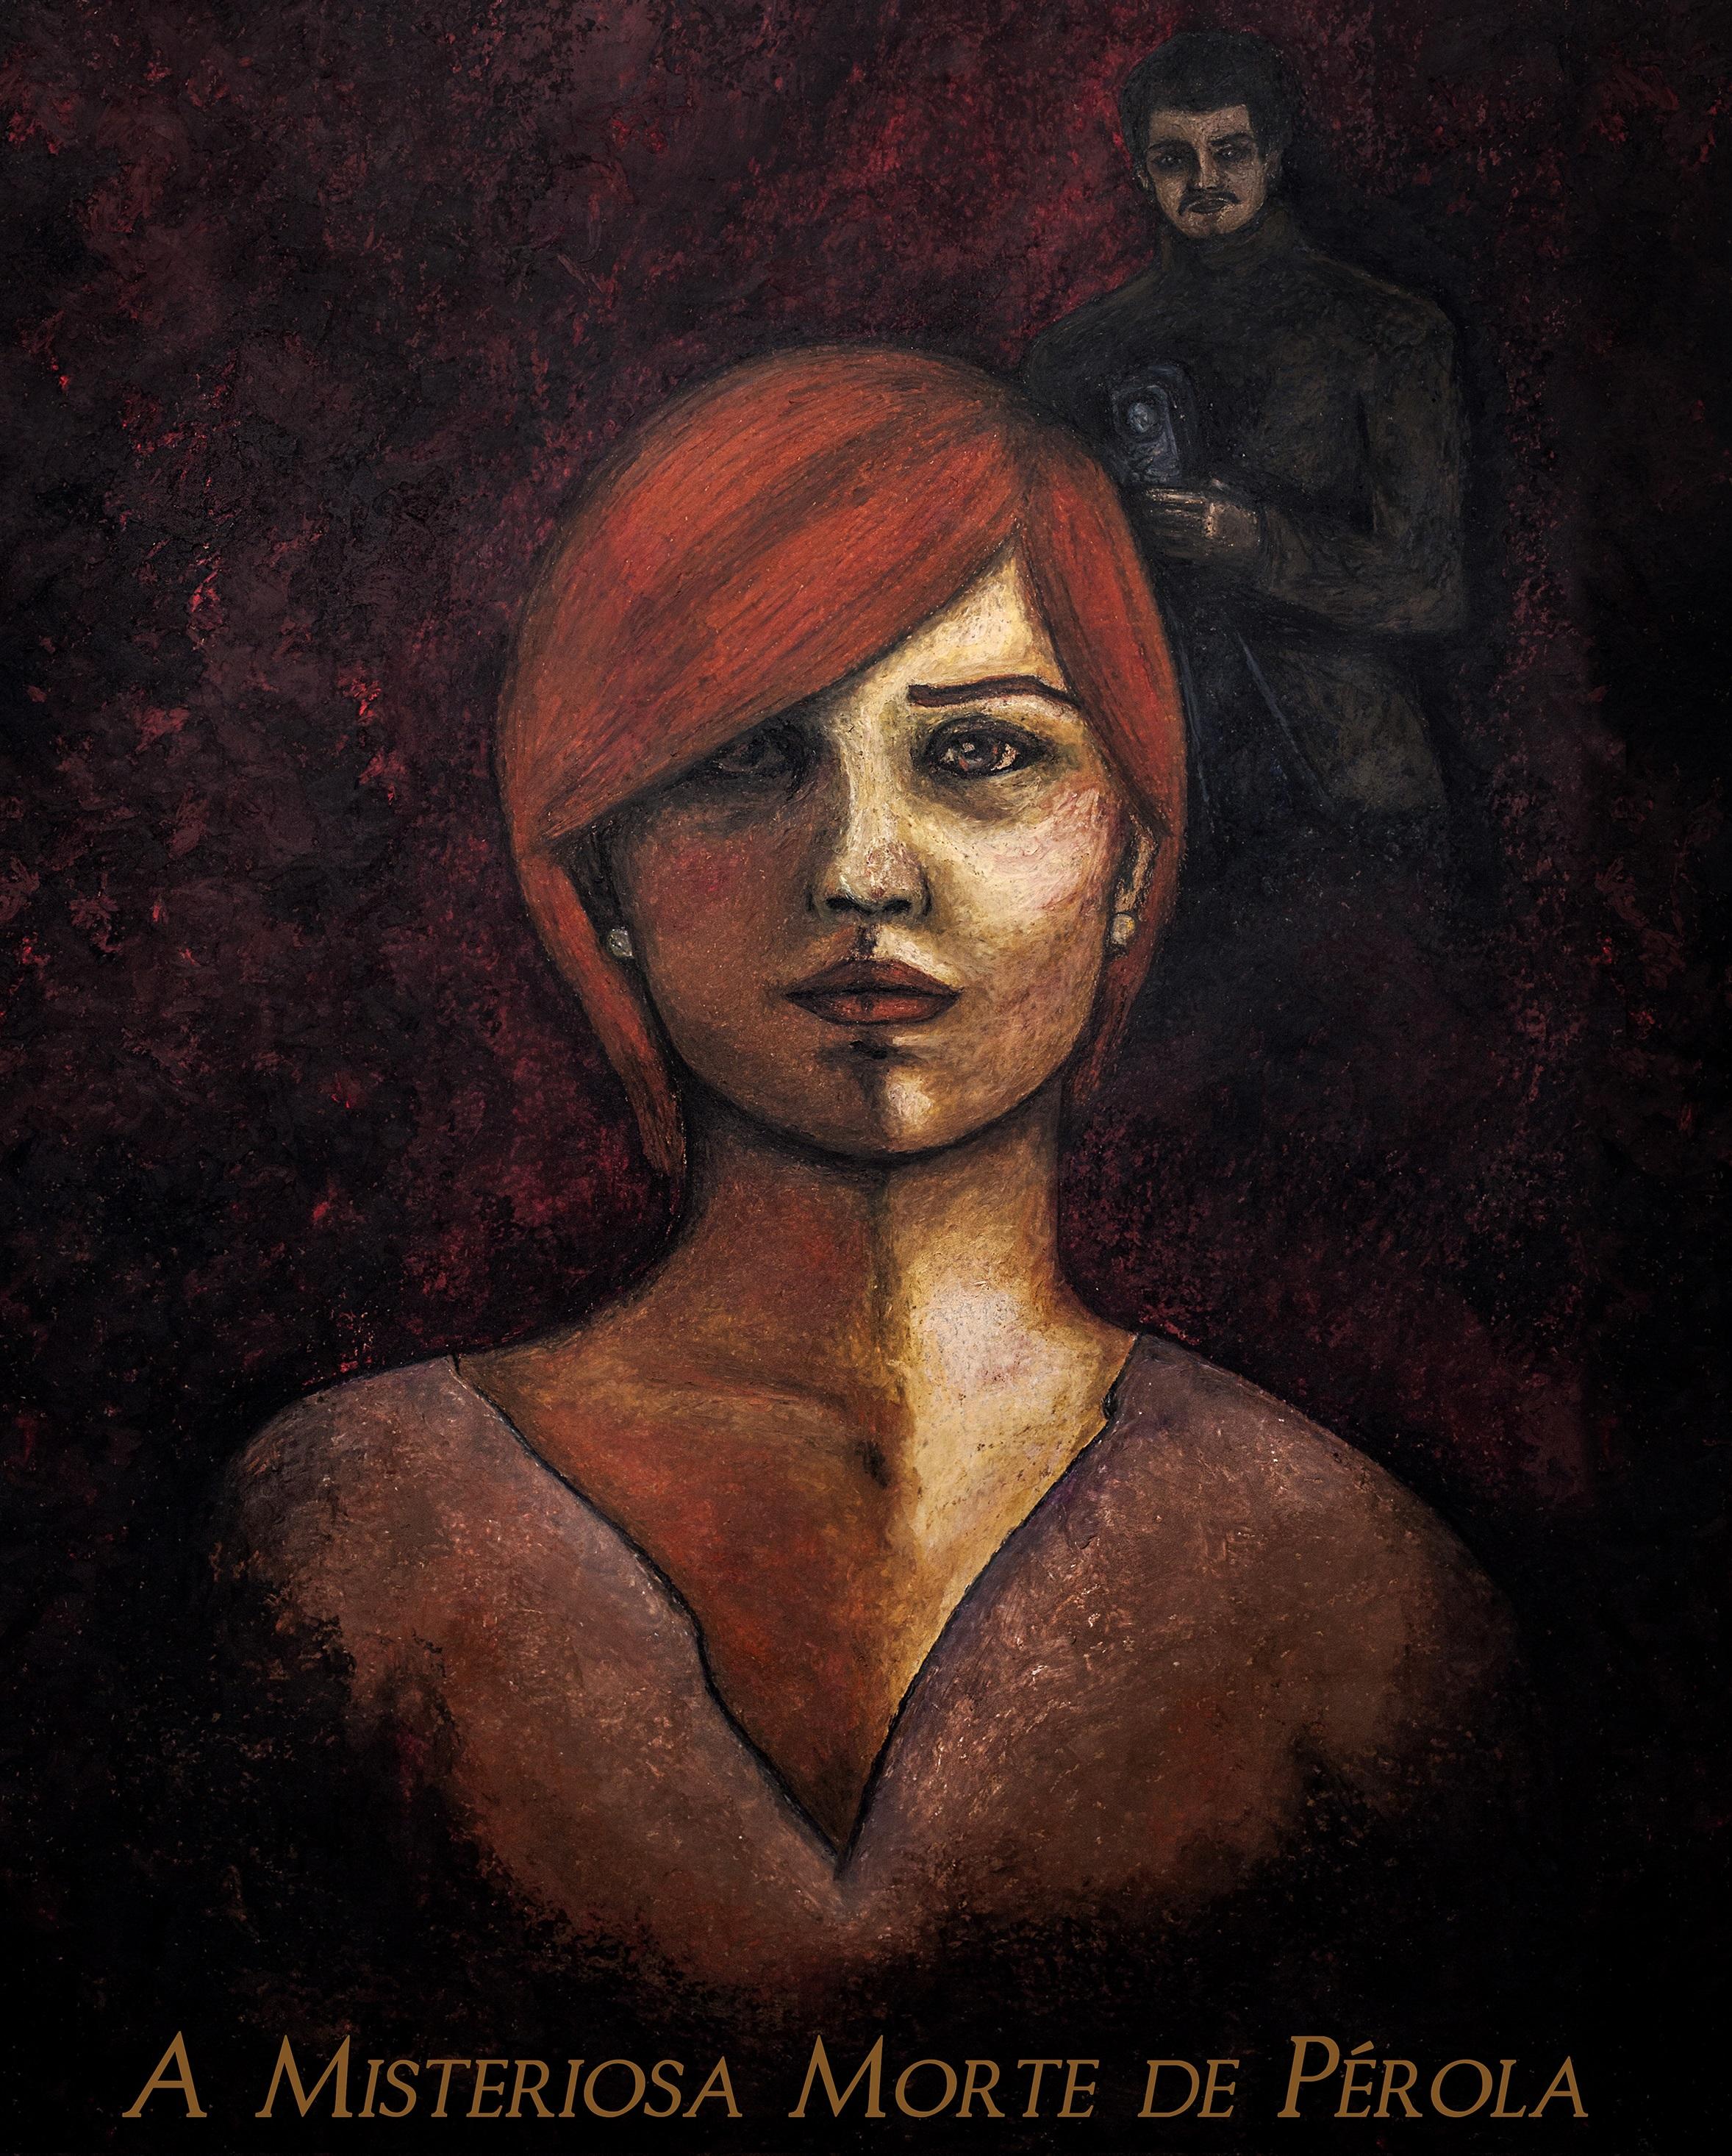 A Misteriosa Morte de Pérola está em cartaz no Cine Cultura (Foto: divulgação)